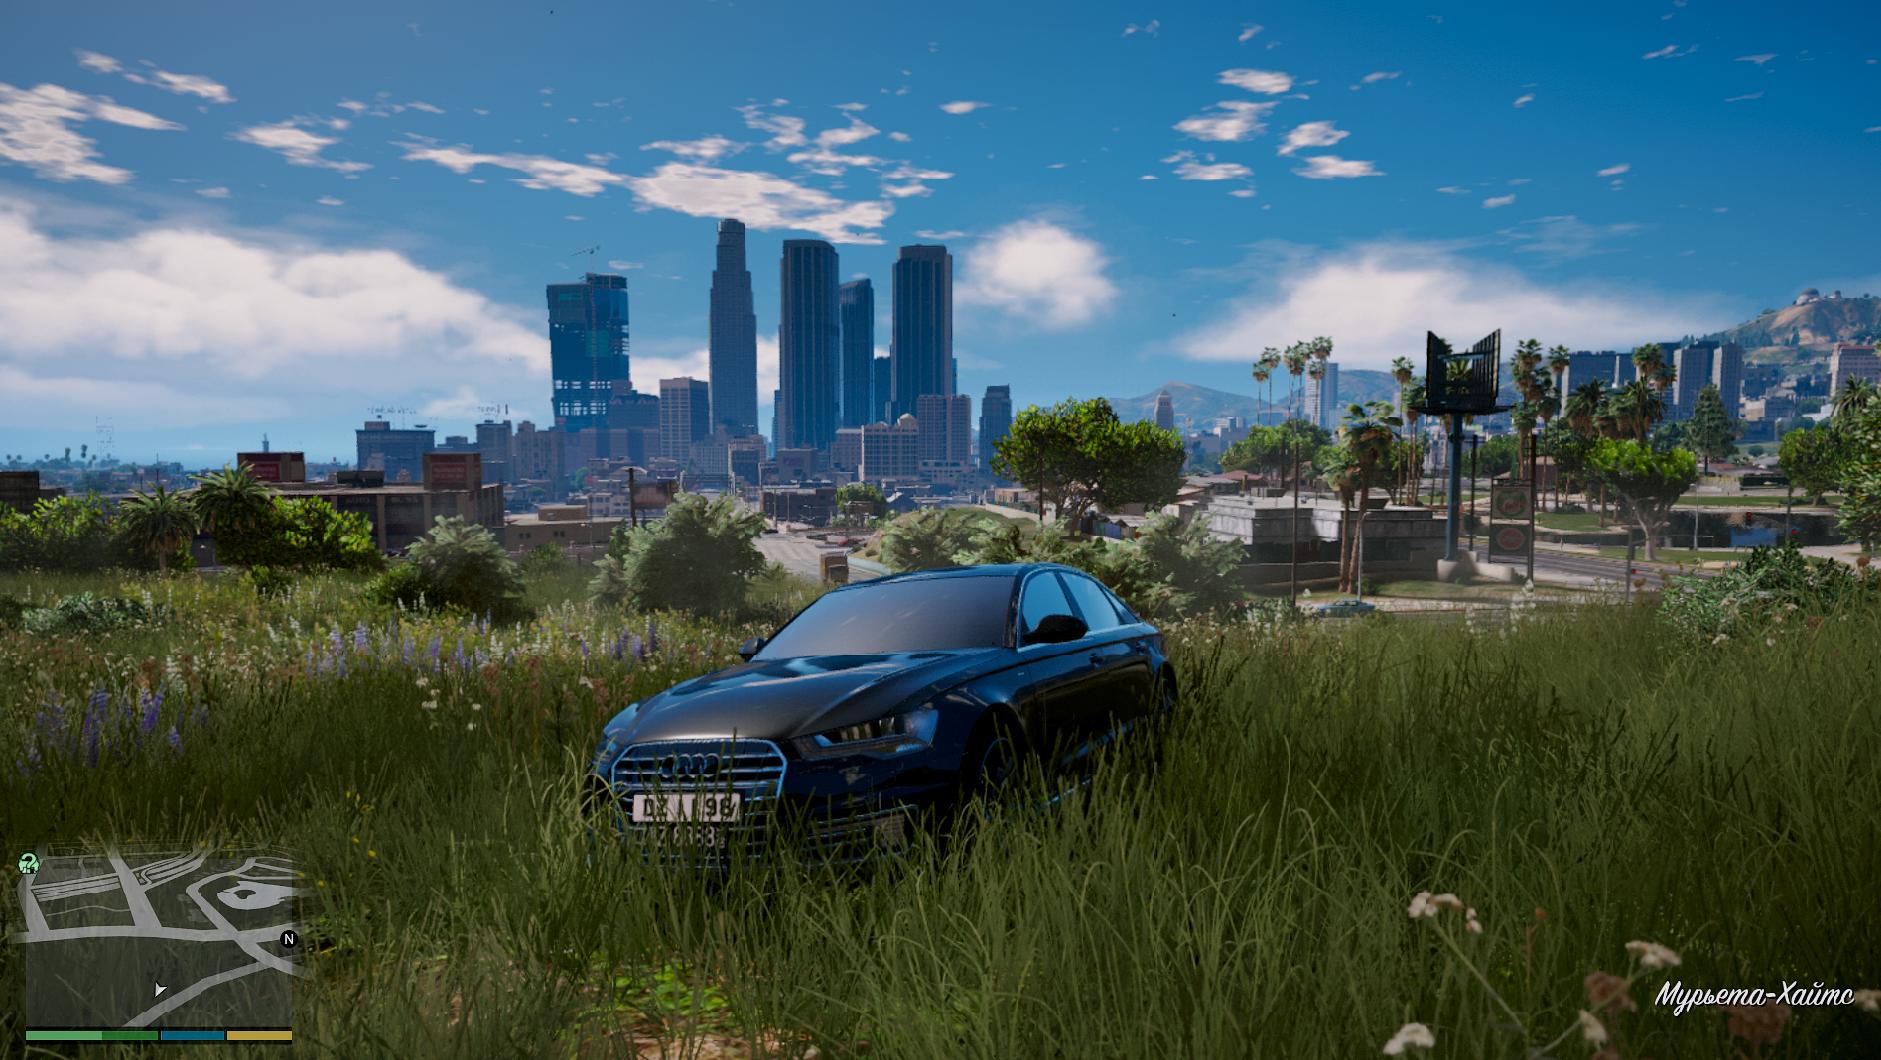 Ауди на фоне города - Grand Theft Auto 5 Автомобиль, Транспорт